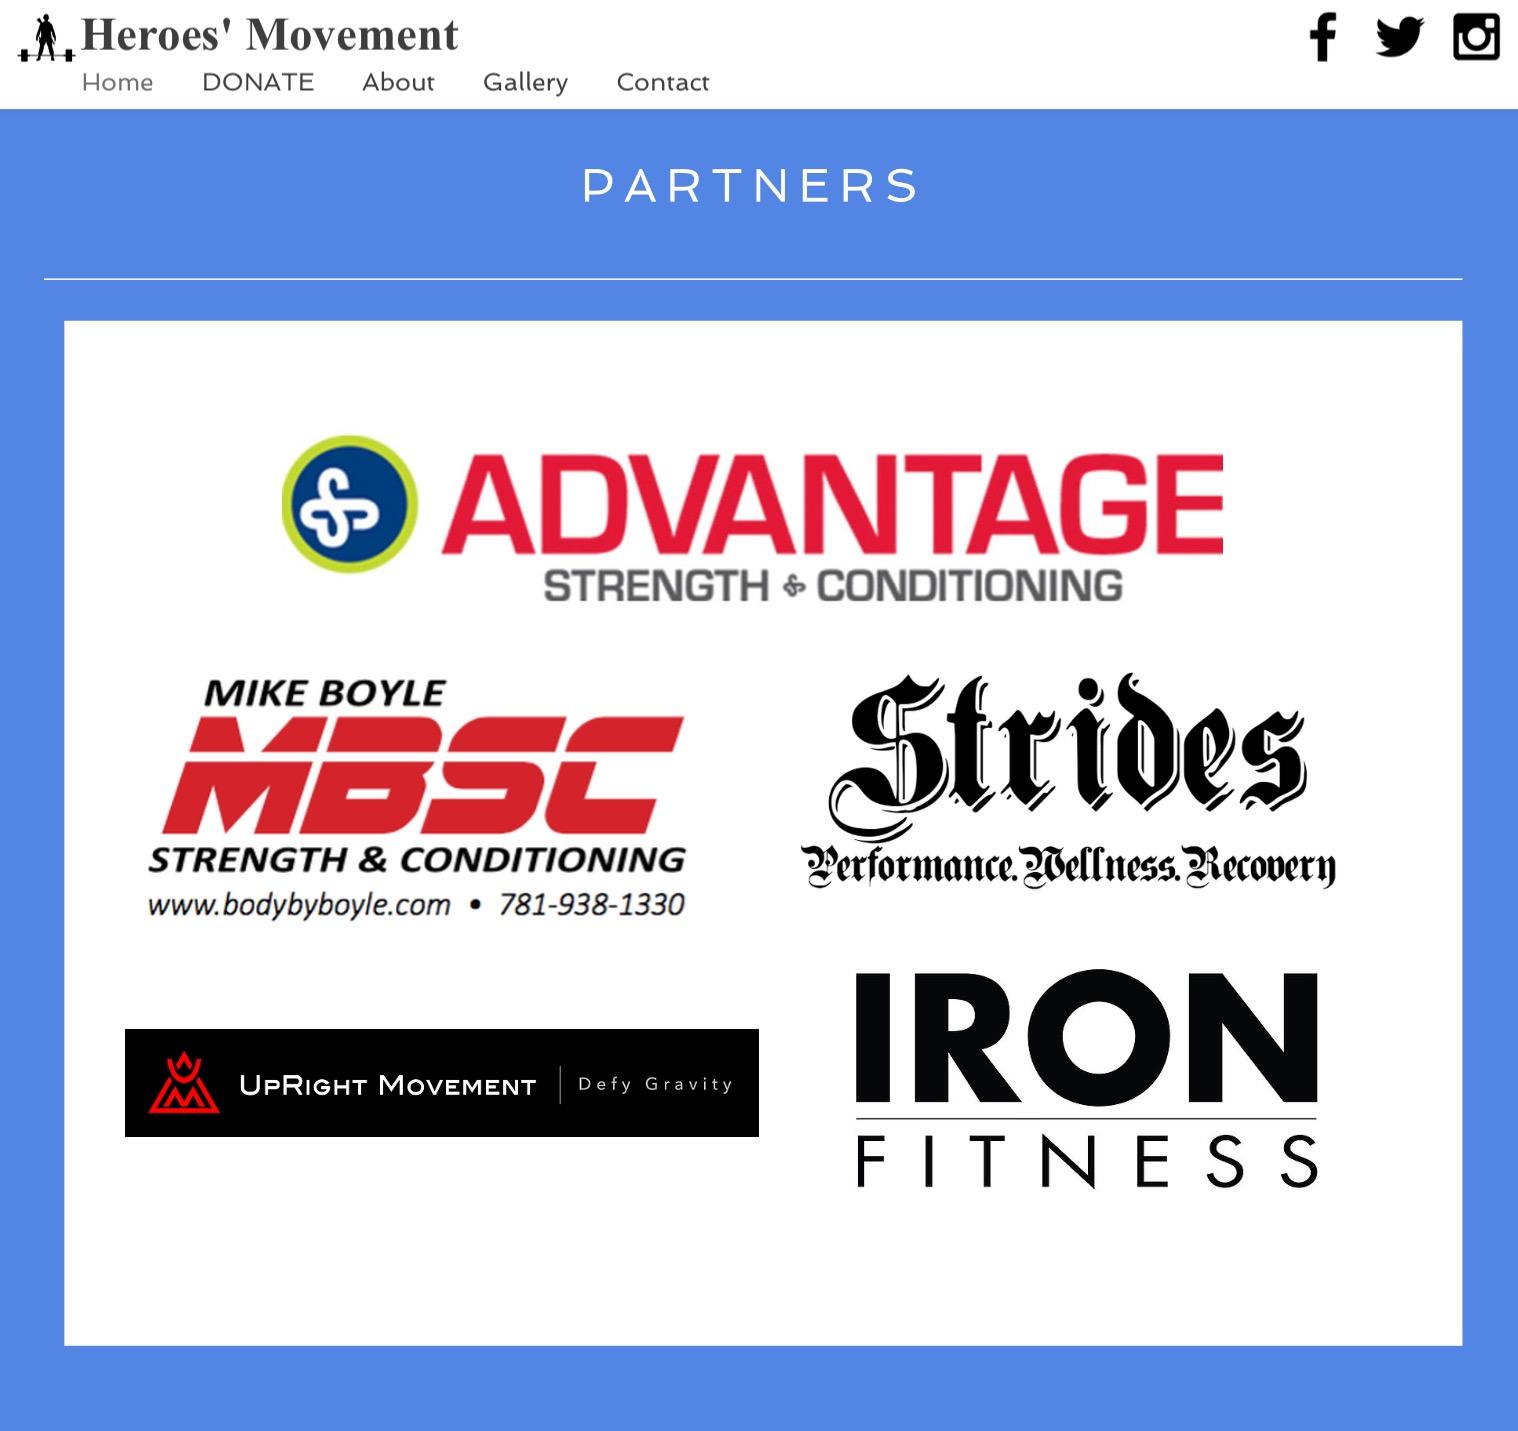 Heroes' Movement Partner